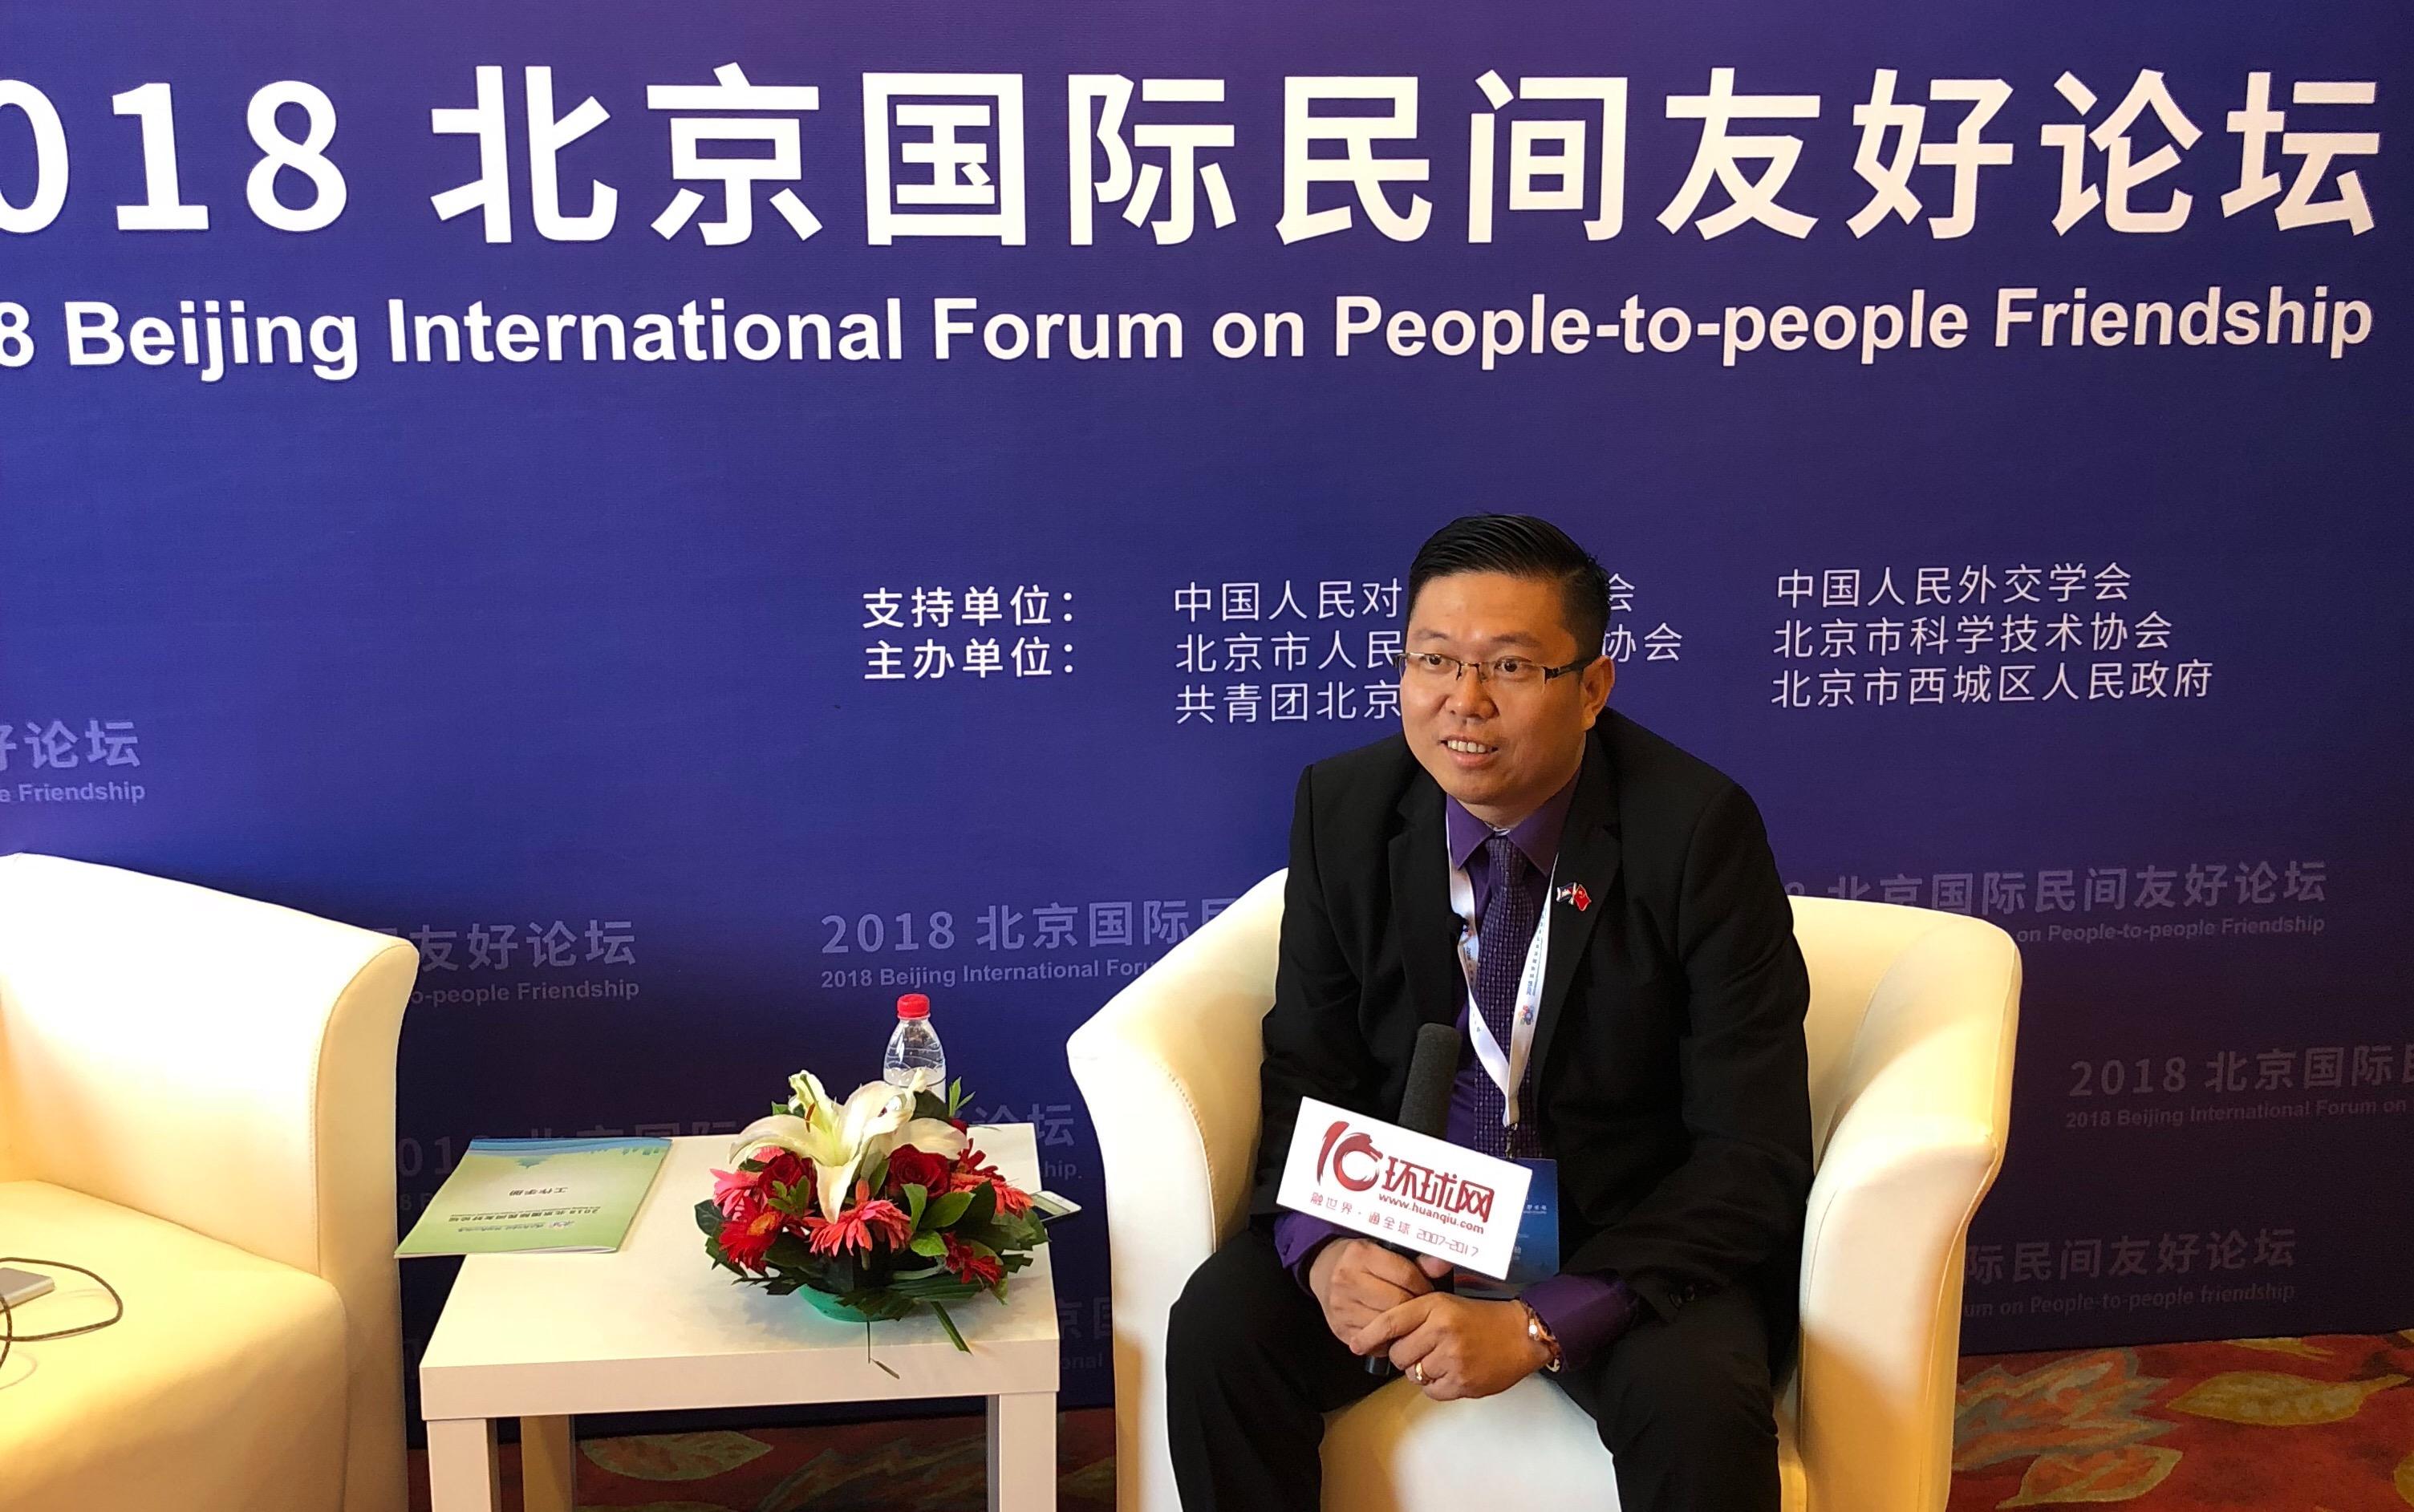 谢莫尼勒:柬埔寨是中国的好朋友、老朋友 、真朋友